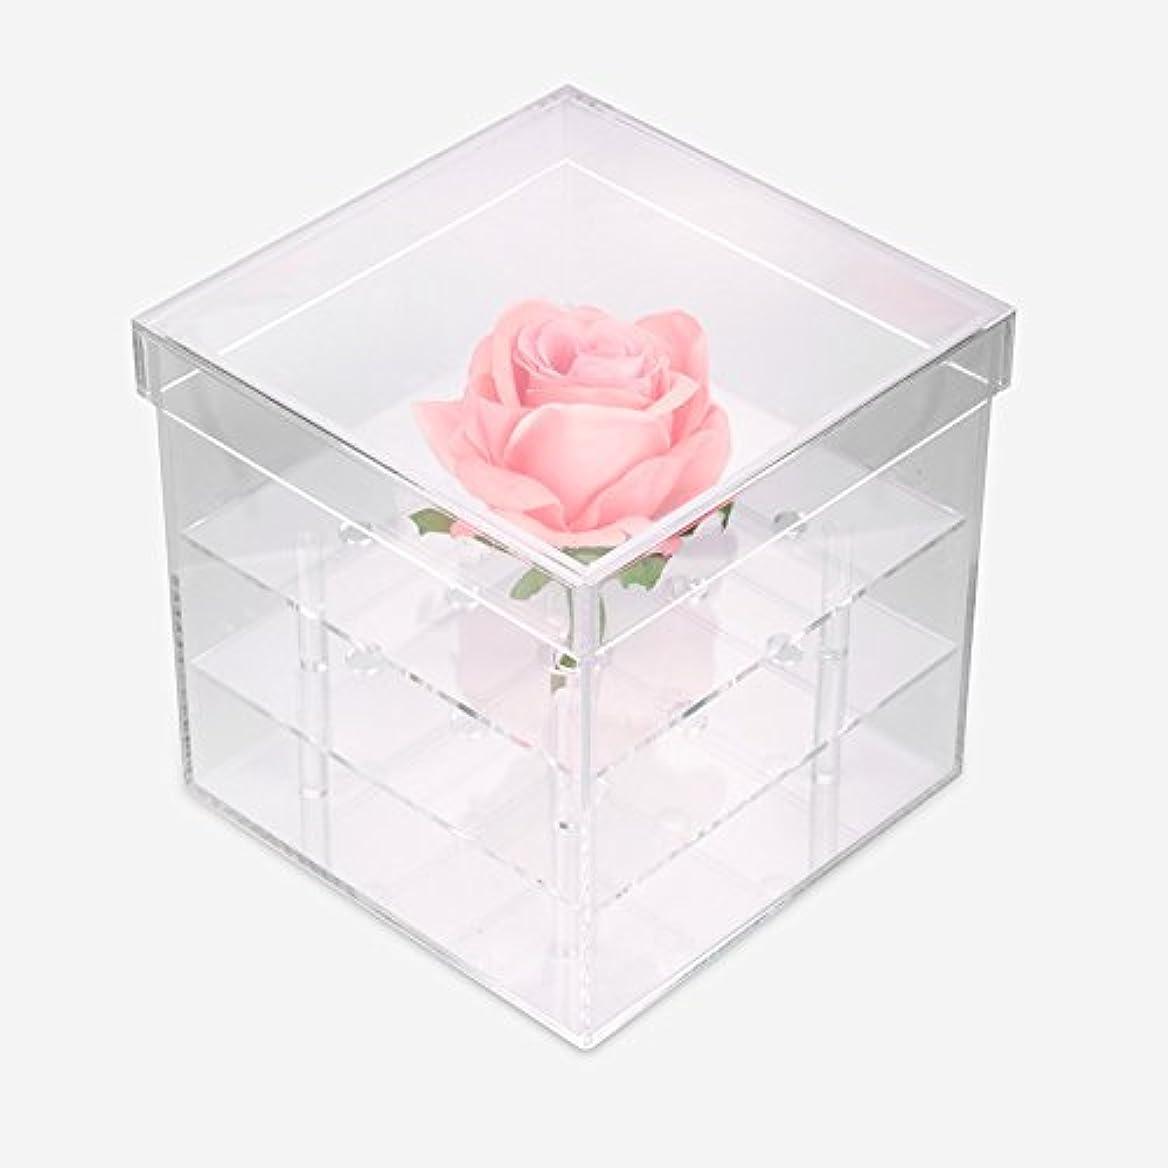 にじみ出るアイロニー骨の折れる透明なアクリルの新鮮なバラのプリザーブドフラワーボックス、多機能の結婚式の花のギフトボックスアイブローペンシル?アイライナー?オーガナイザー?ホルダー(9ホール)